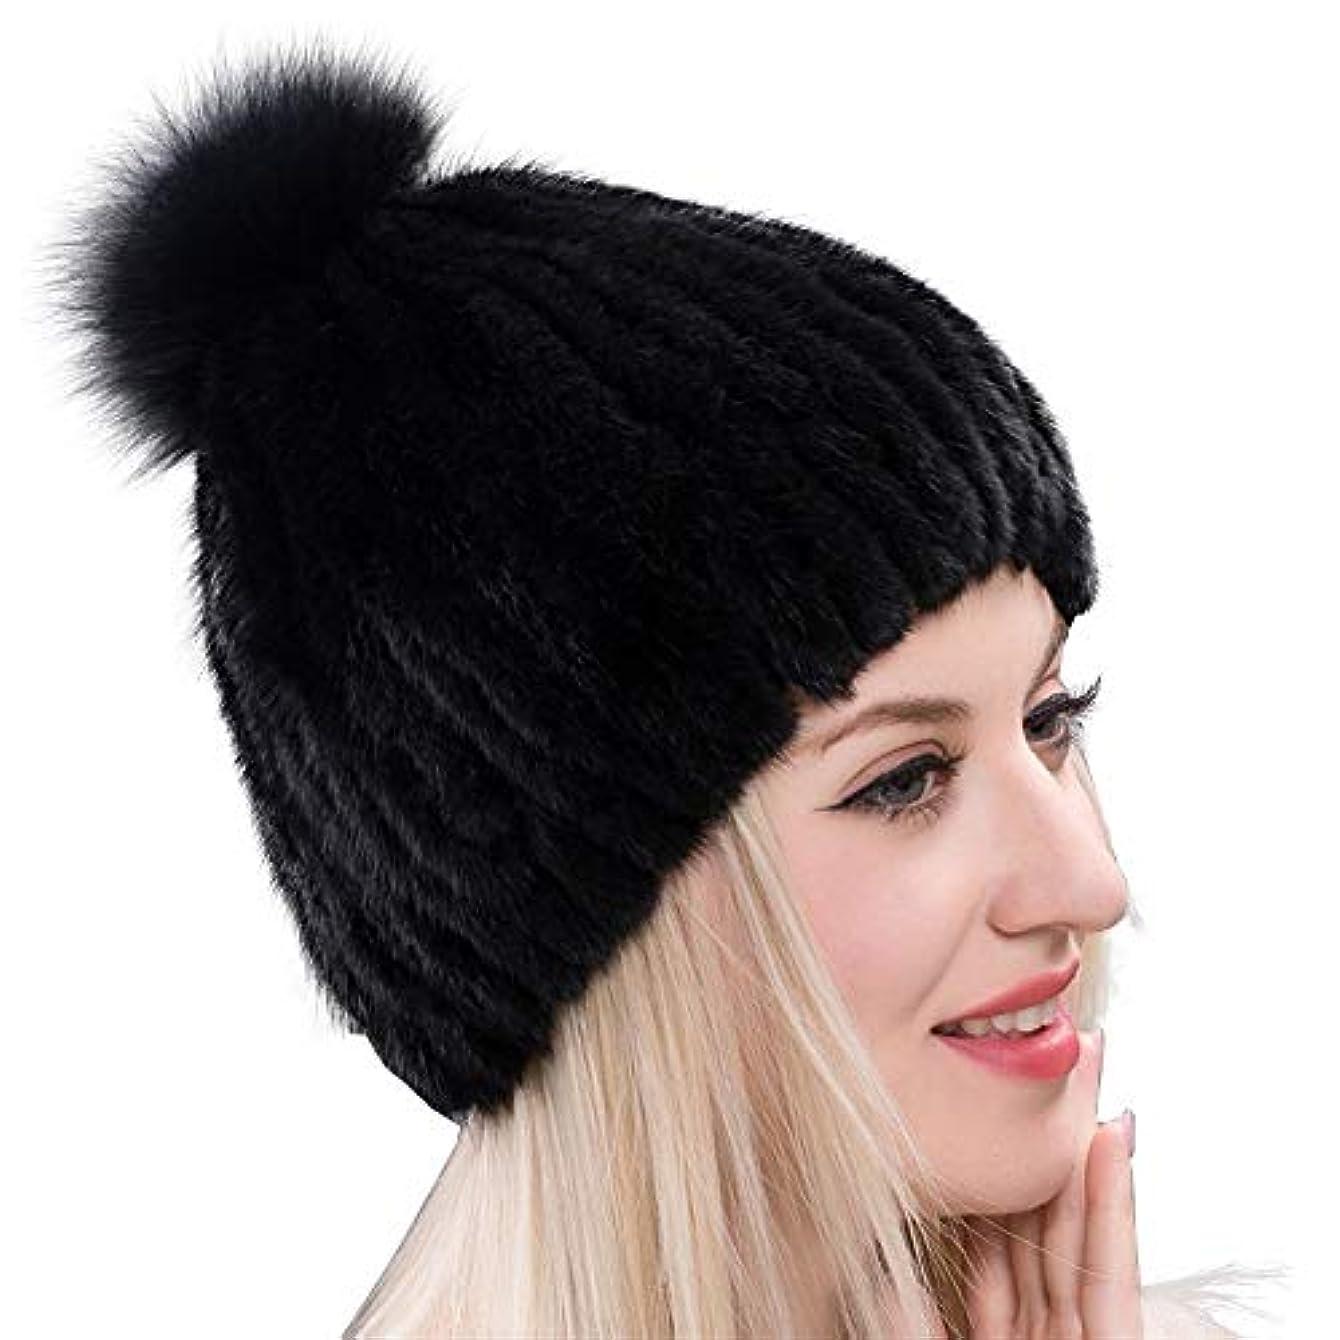 浮浪者彼ら頬ACAO さん冬の新ミンクの毛皮の帽子包頭さんのヨーロッパとアメリカのキツネの毛皮の暖かい手縫いボール幅のストリップのイヤーキャップ (色 : ブラック, Size : M)